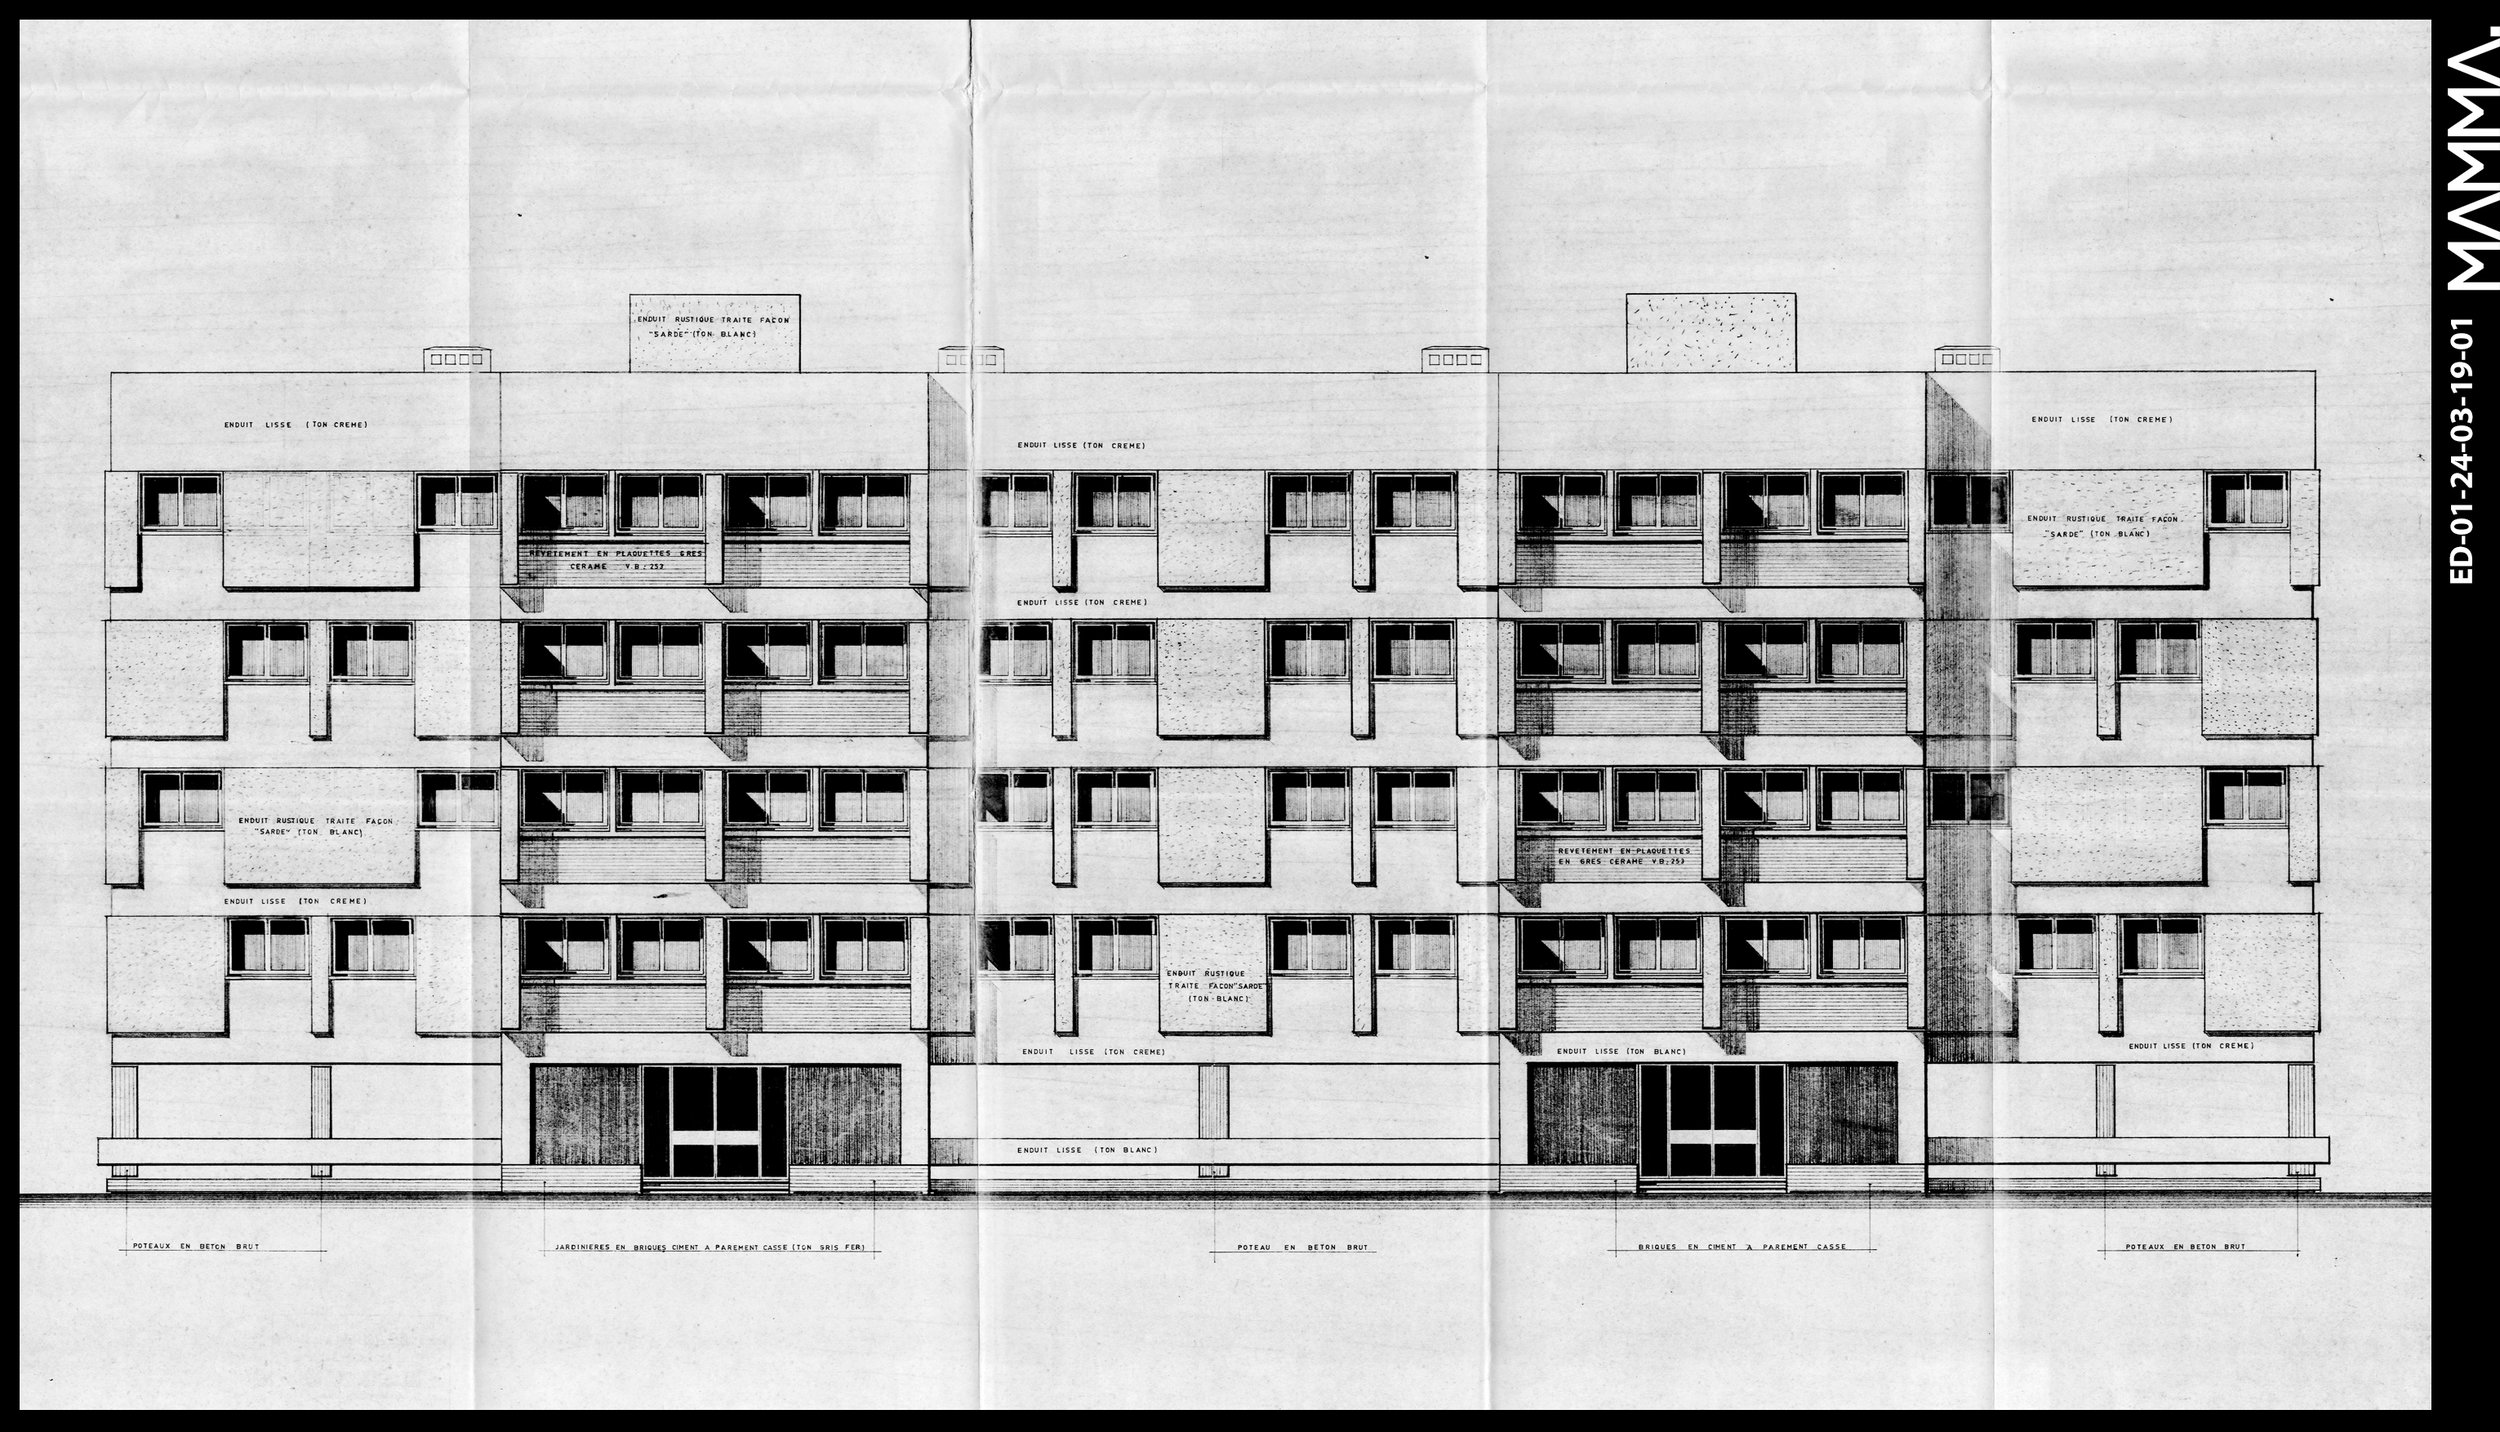 1972-2 Immeubles de 16 Logements- ONCF à Casablanca   Agence: Emile Duhon  Contenu: Façade principale  Dimensions: 126,5 x 66,24 cm  © MAMMAARCHIVE   Réf: MAMMA-  ED-01-24-03-19-01